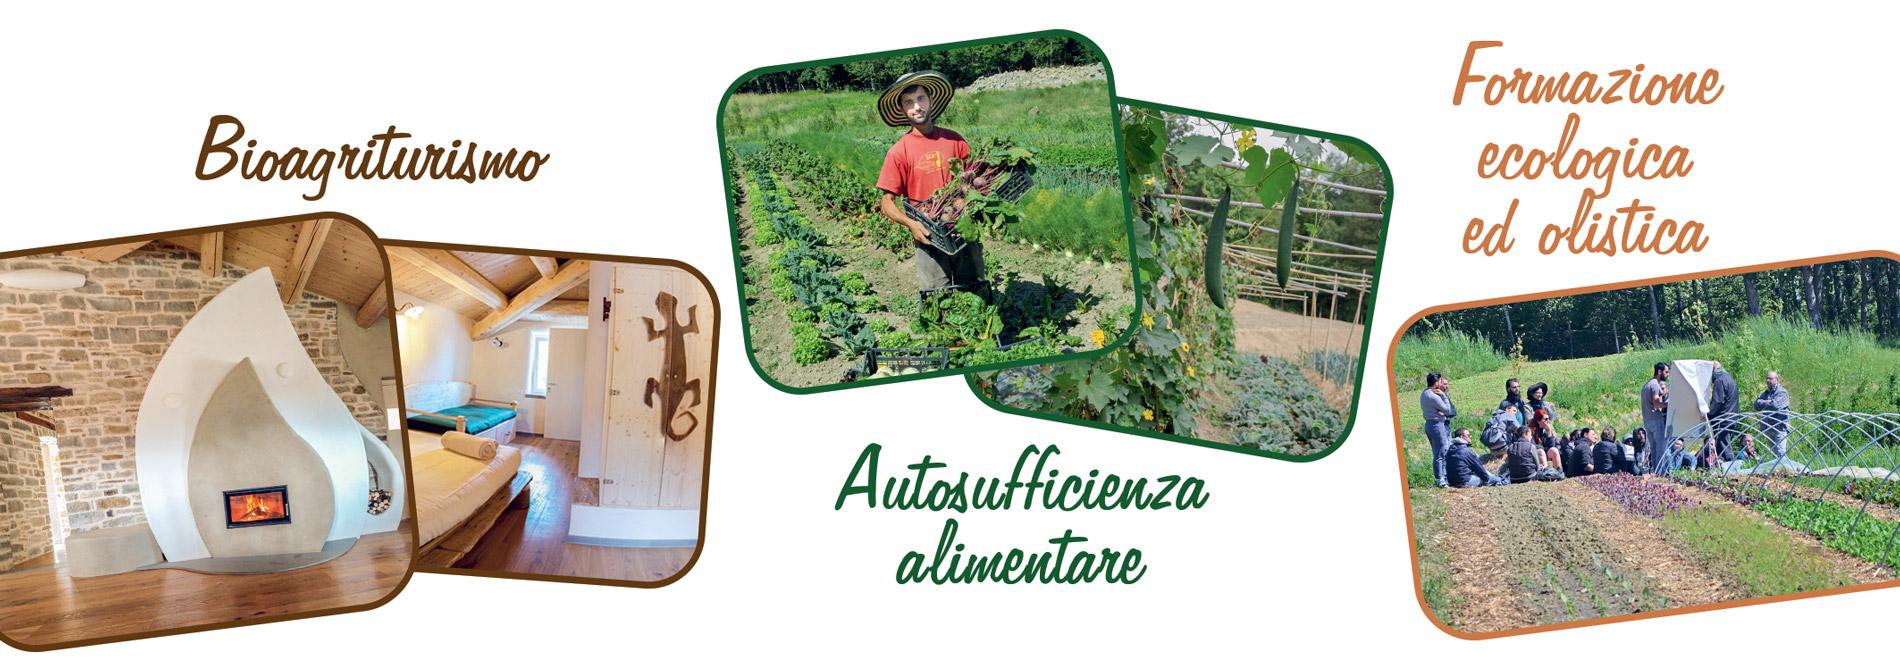 Bioagriturismo - Autosufficienza - Formazione ecologica ed olistica